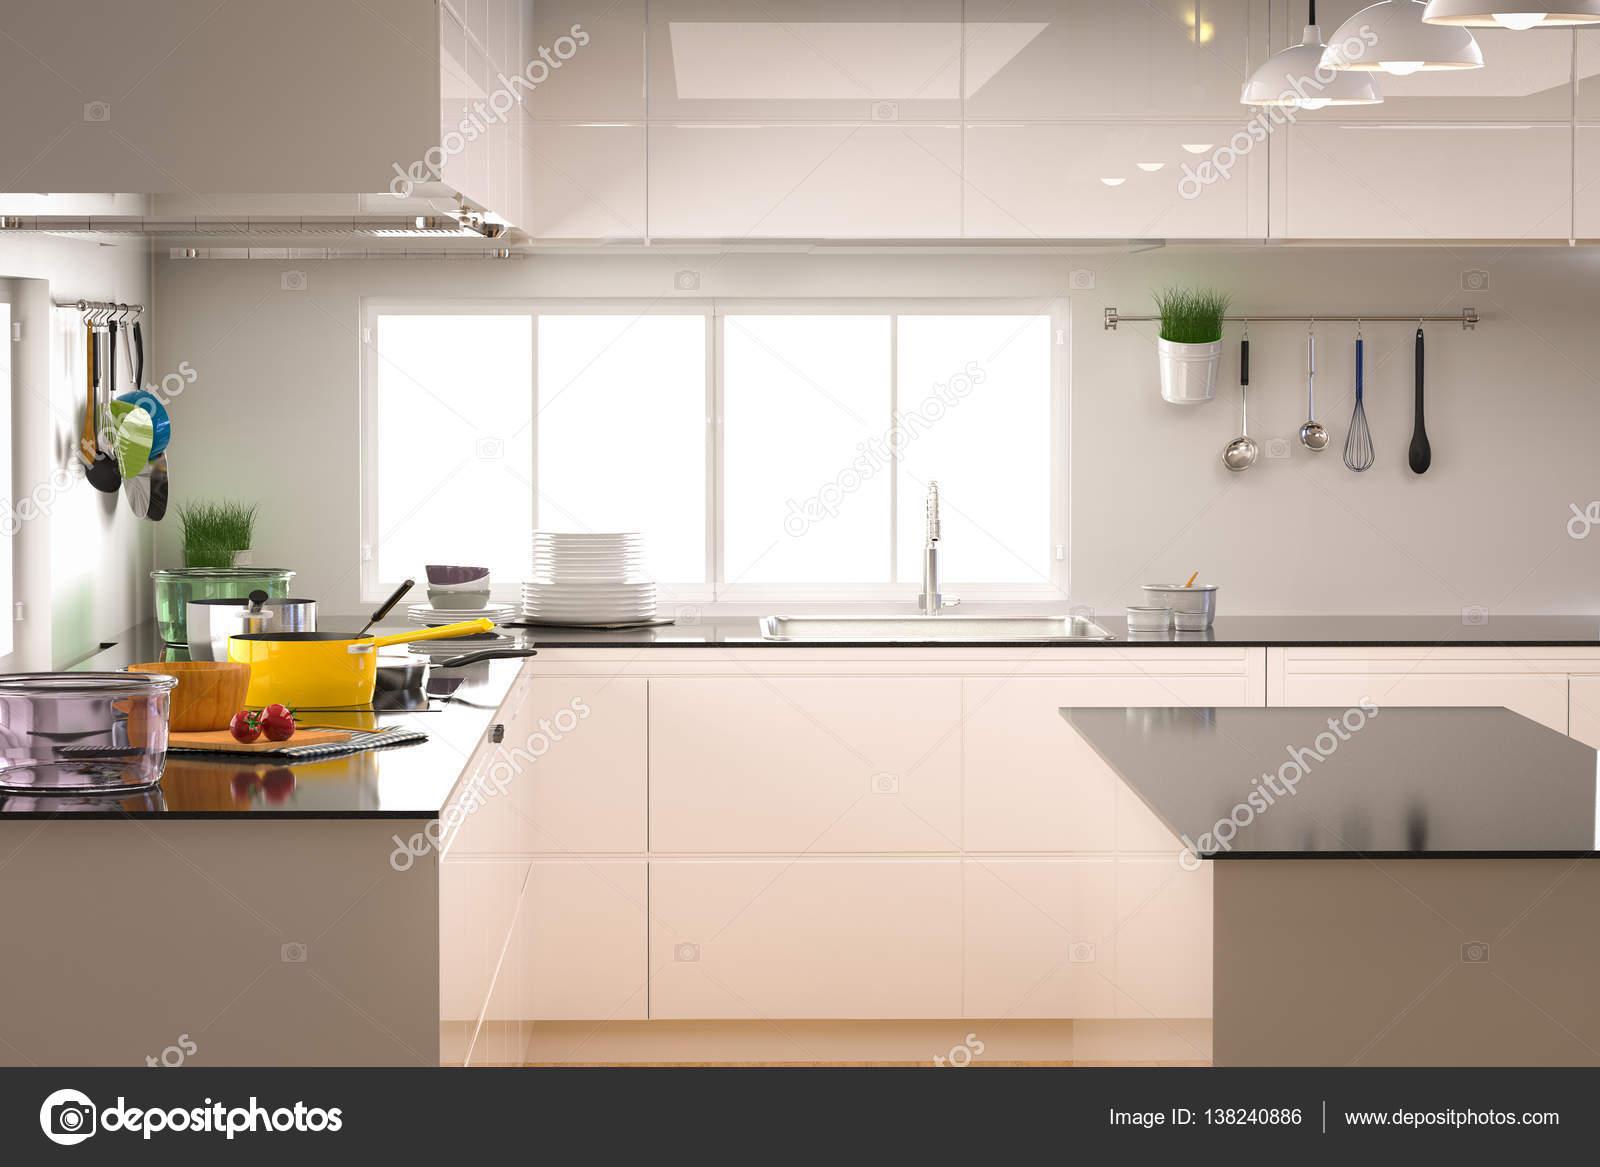 Küche Interieur mit leeren Zähler — Stockfoto © phonlamai #138240886